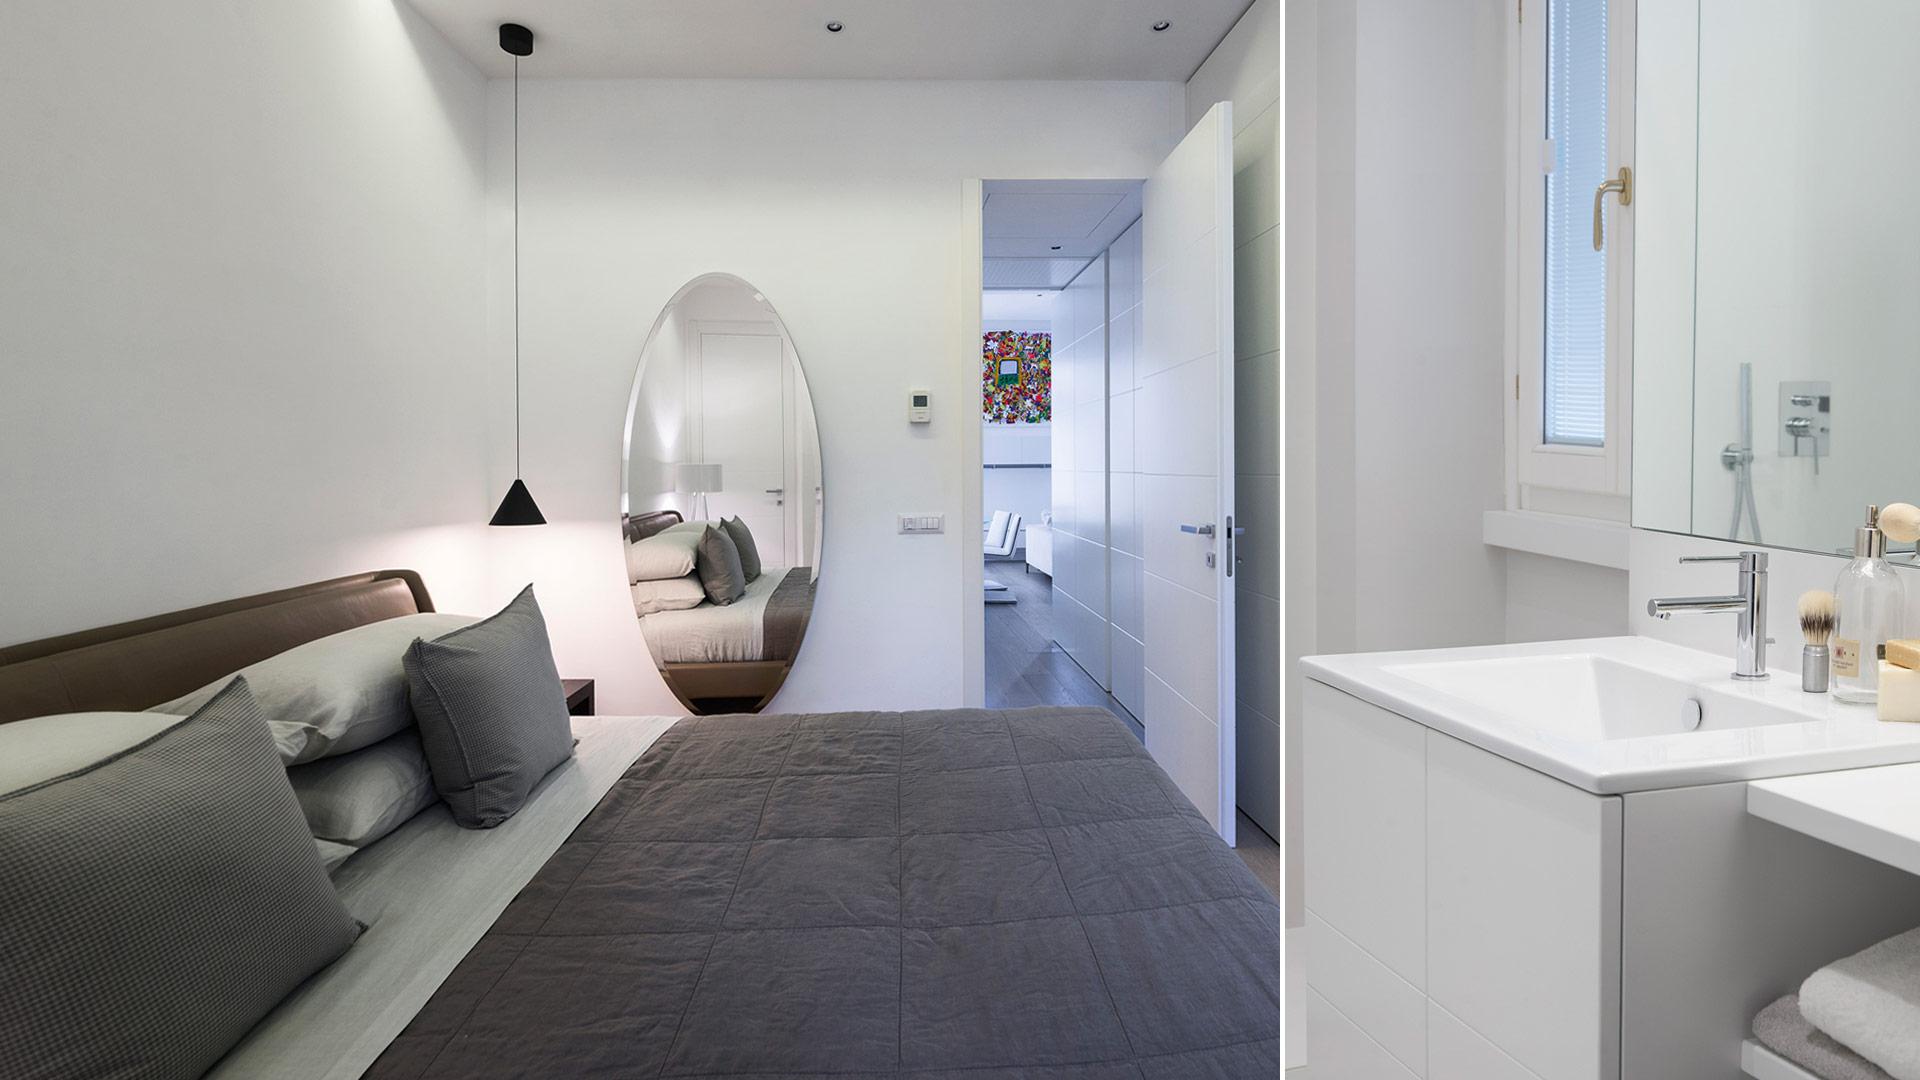 Progetto Interior Design open space Roma - Sawiris-contract-02